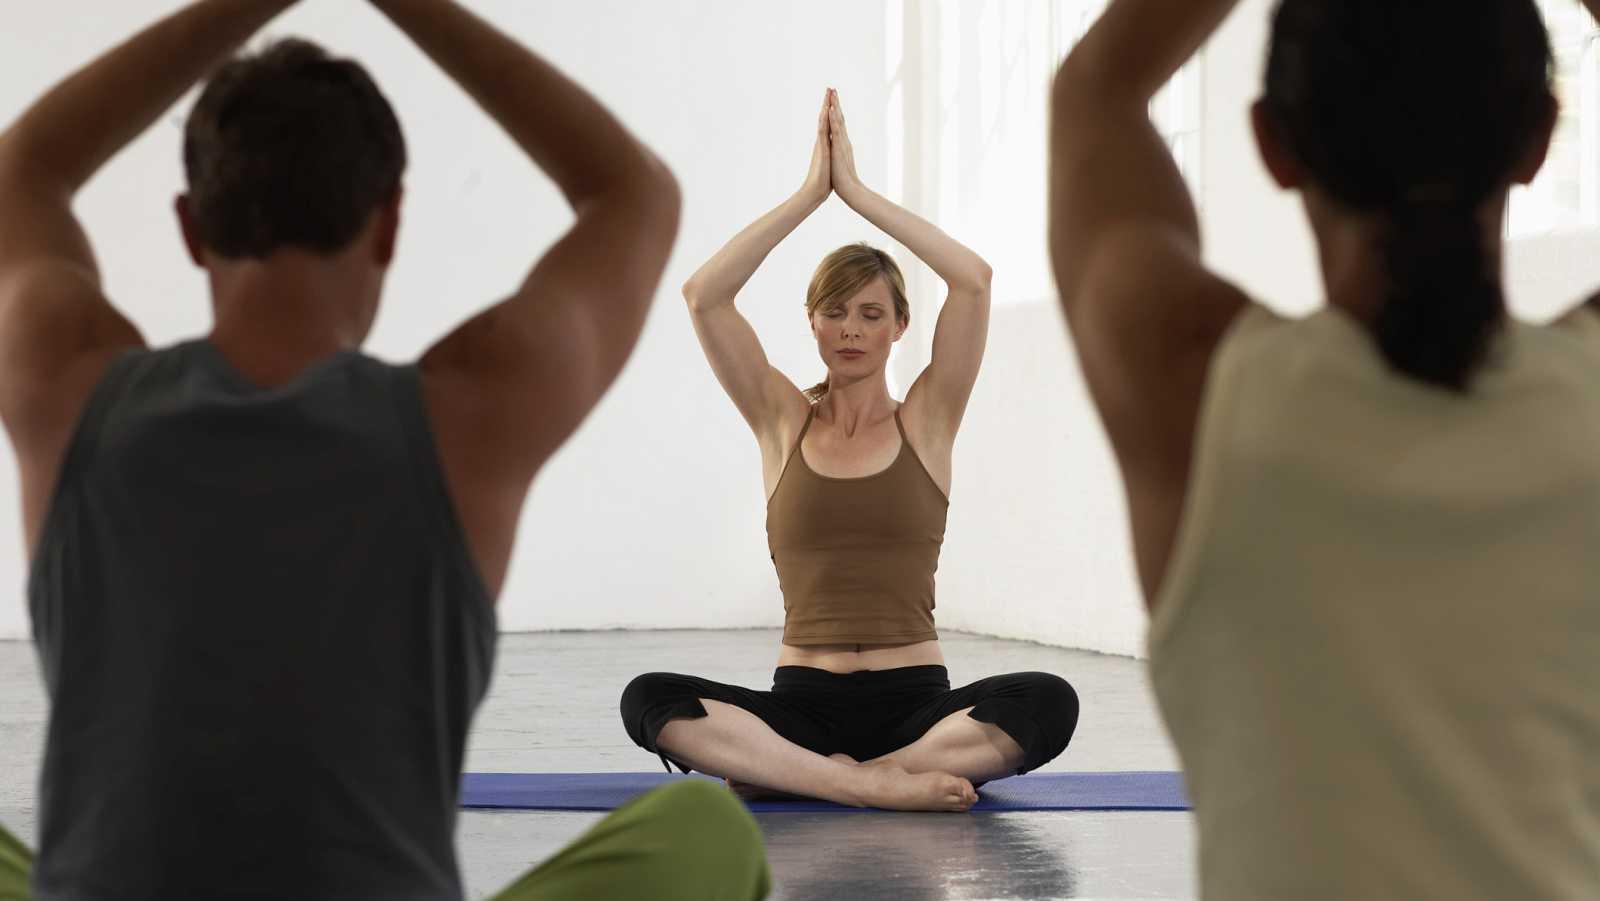 En la calle, alguien - Las ventajas del yoga para las personas sin hogar - 25/08/16 - Escuchar ahora